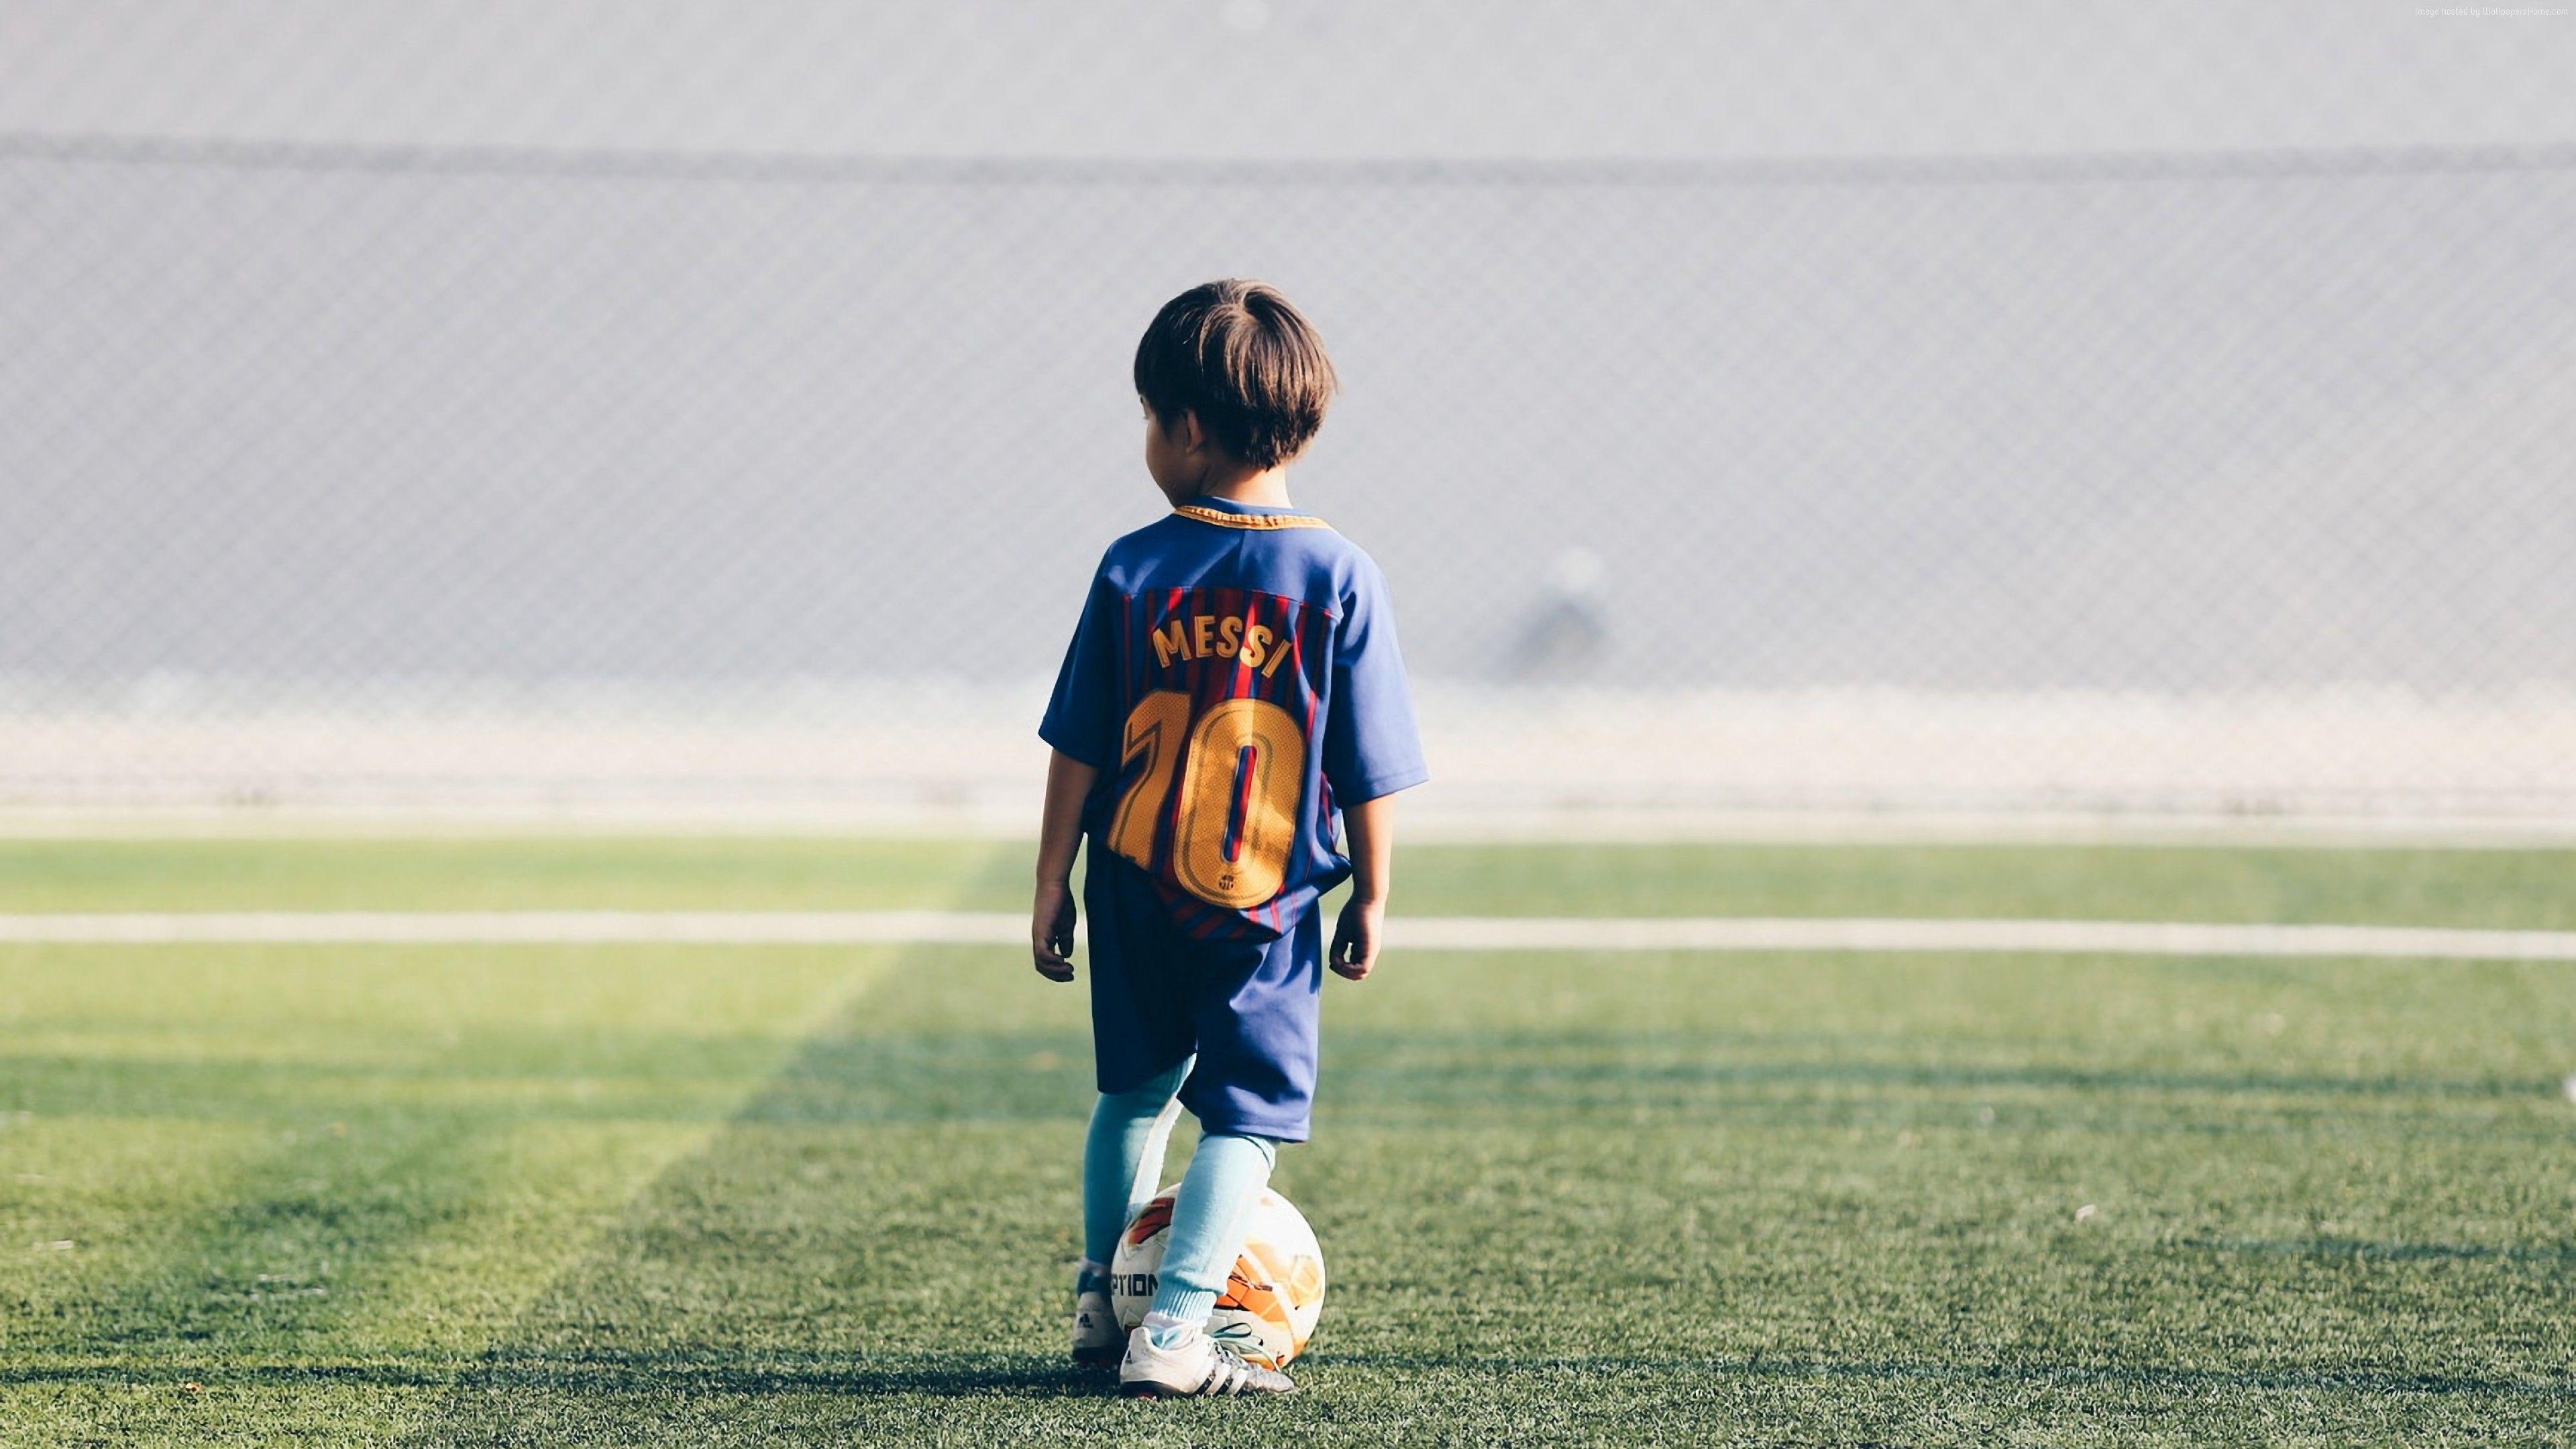 Wallpaper Soccer Child 4k Sport Http Www Wallpaperback Net Sports Wallpaper Soccer Child 4k Sport Html 4k Child S Football Kids Soccer Sports Wallpapers